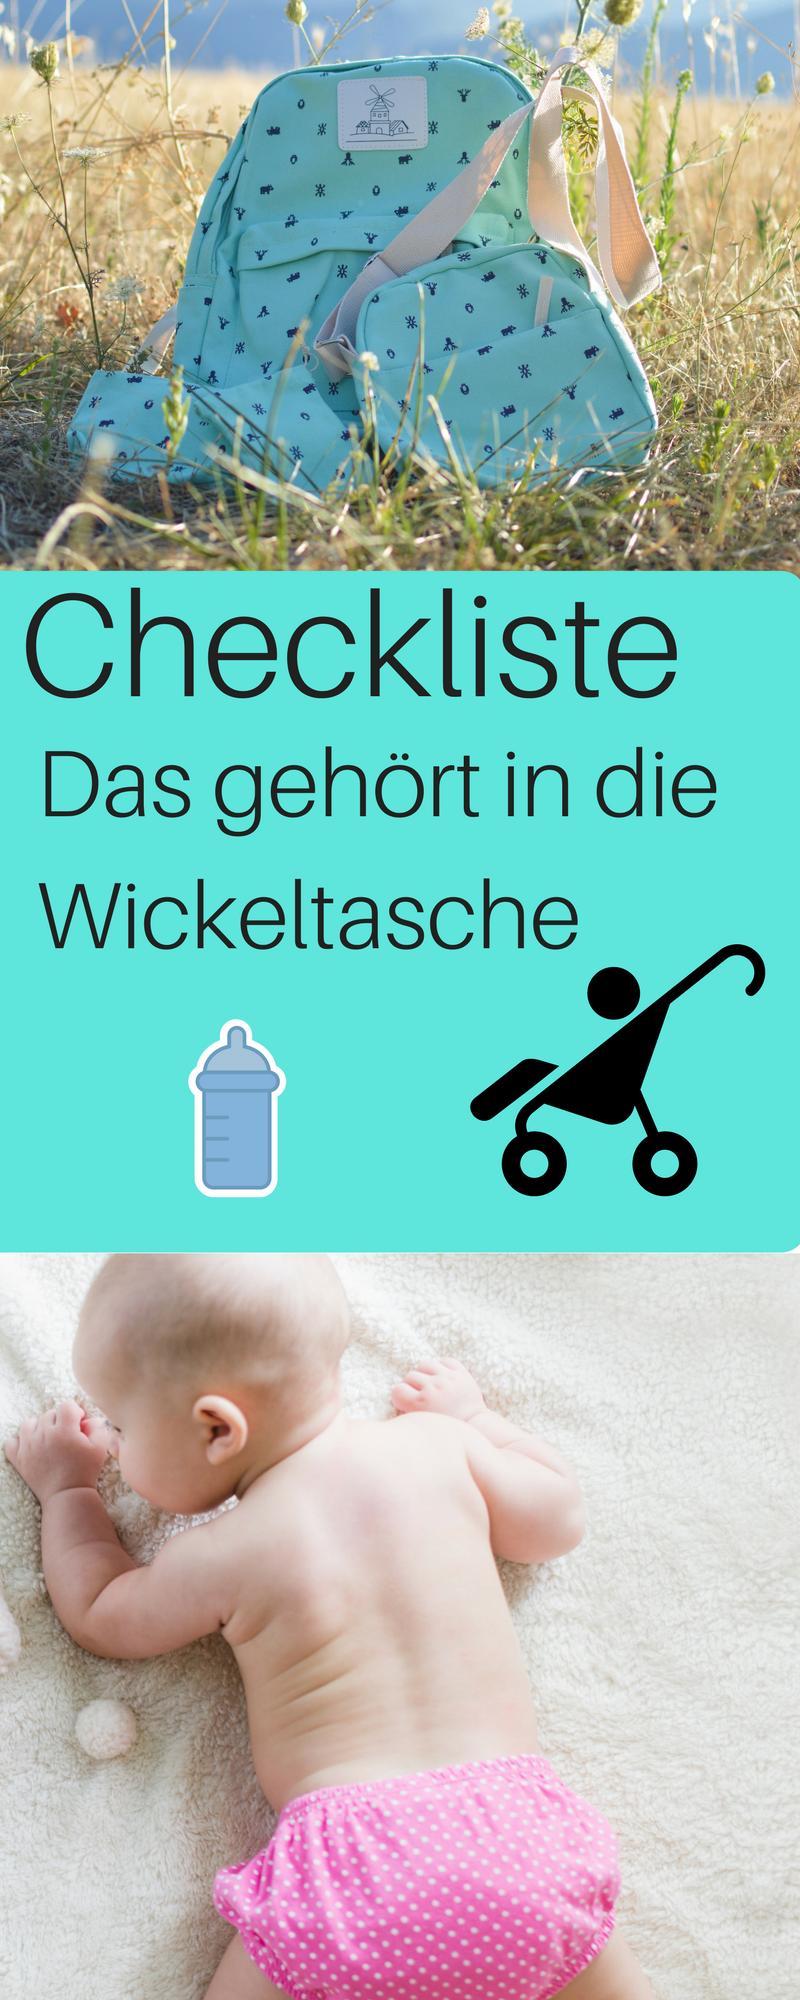 checkliste wickeltasche was geh rt in die wickeltasche baby und kleinkind allgemein. Black Bedroom Furniture Sets. Home Design Ideas